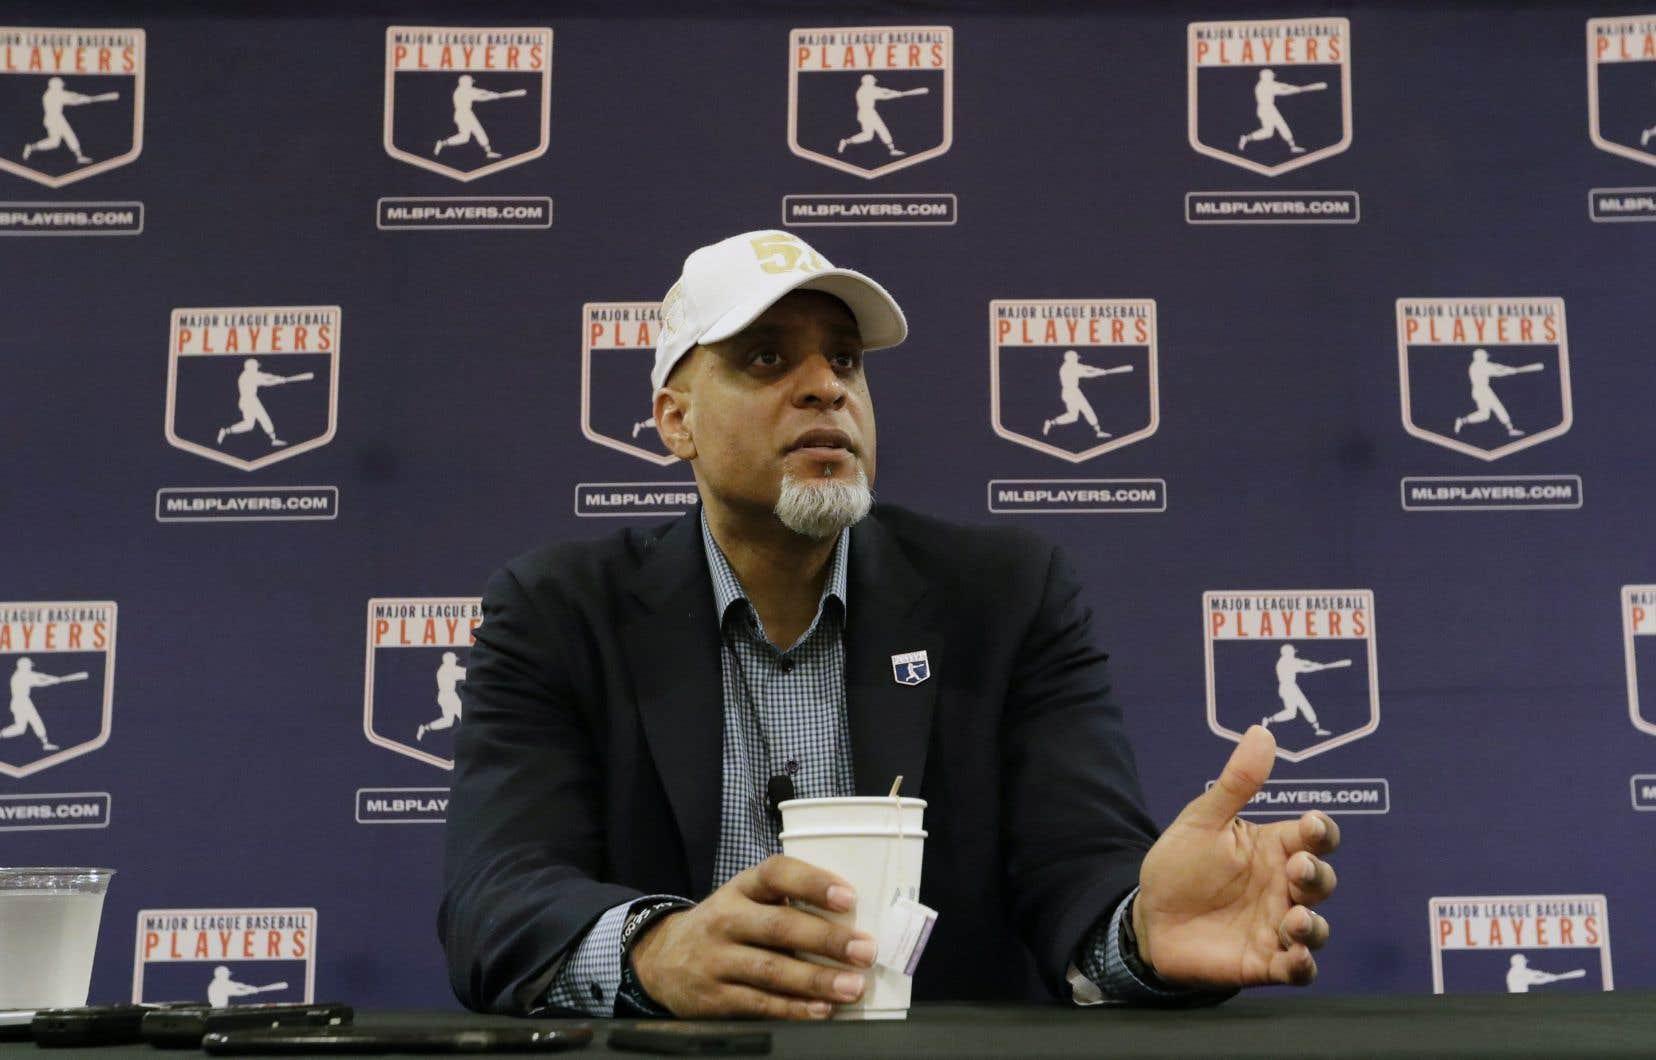 Le président de l'Association des joueurs de baseball, Tony Clark